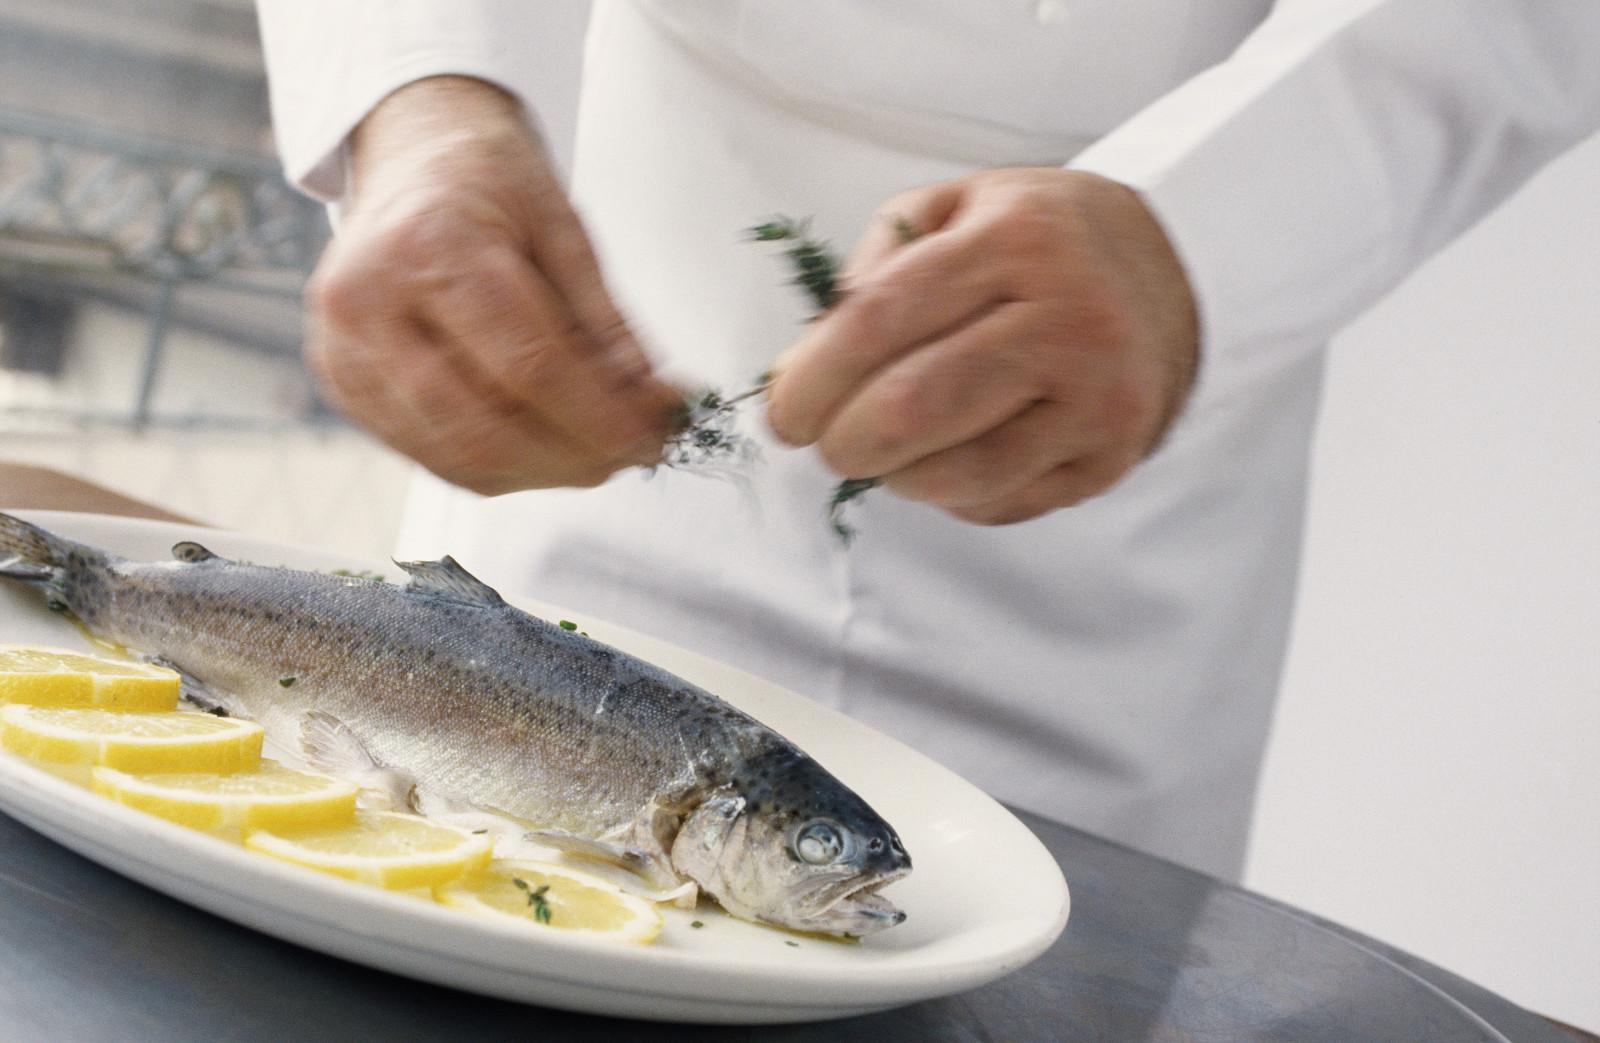 Biozertifizierte Küche garantiert Genussa auf hohem Niveau